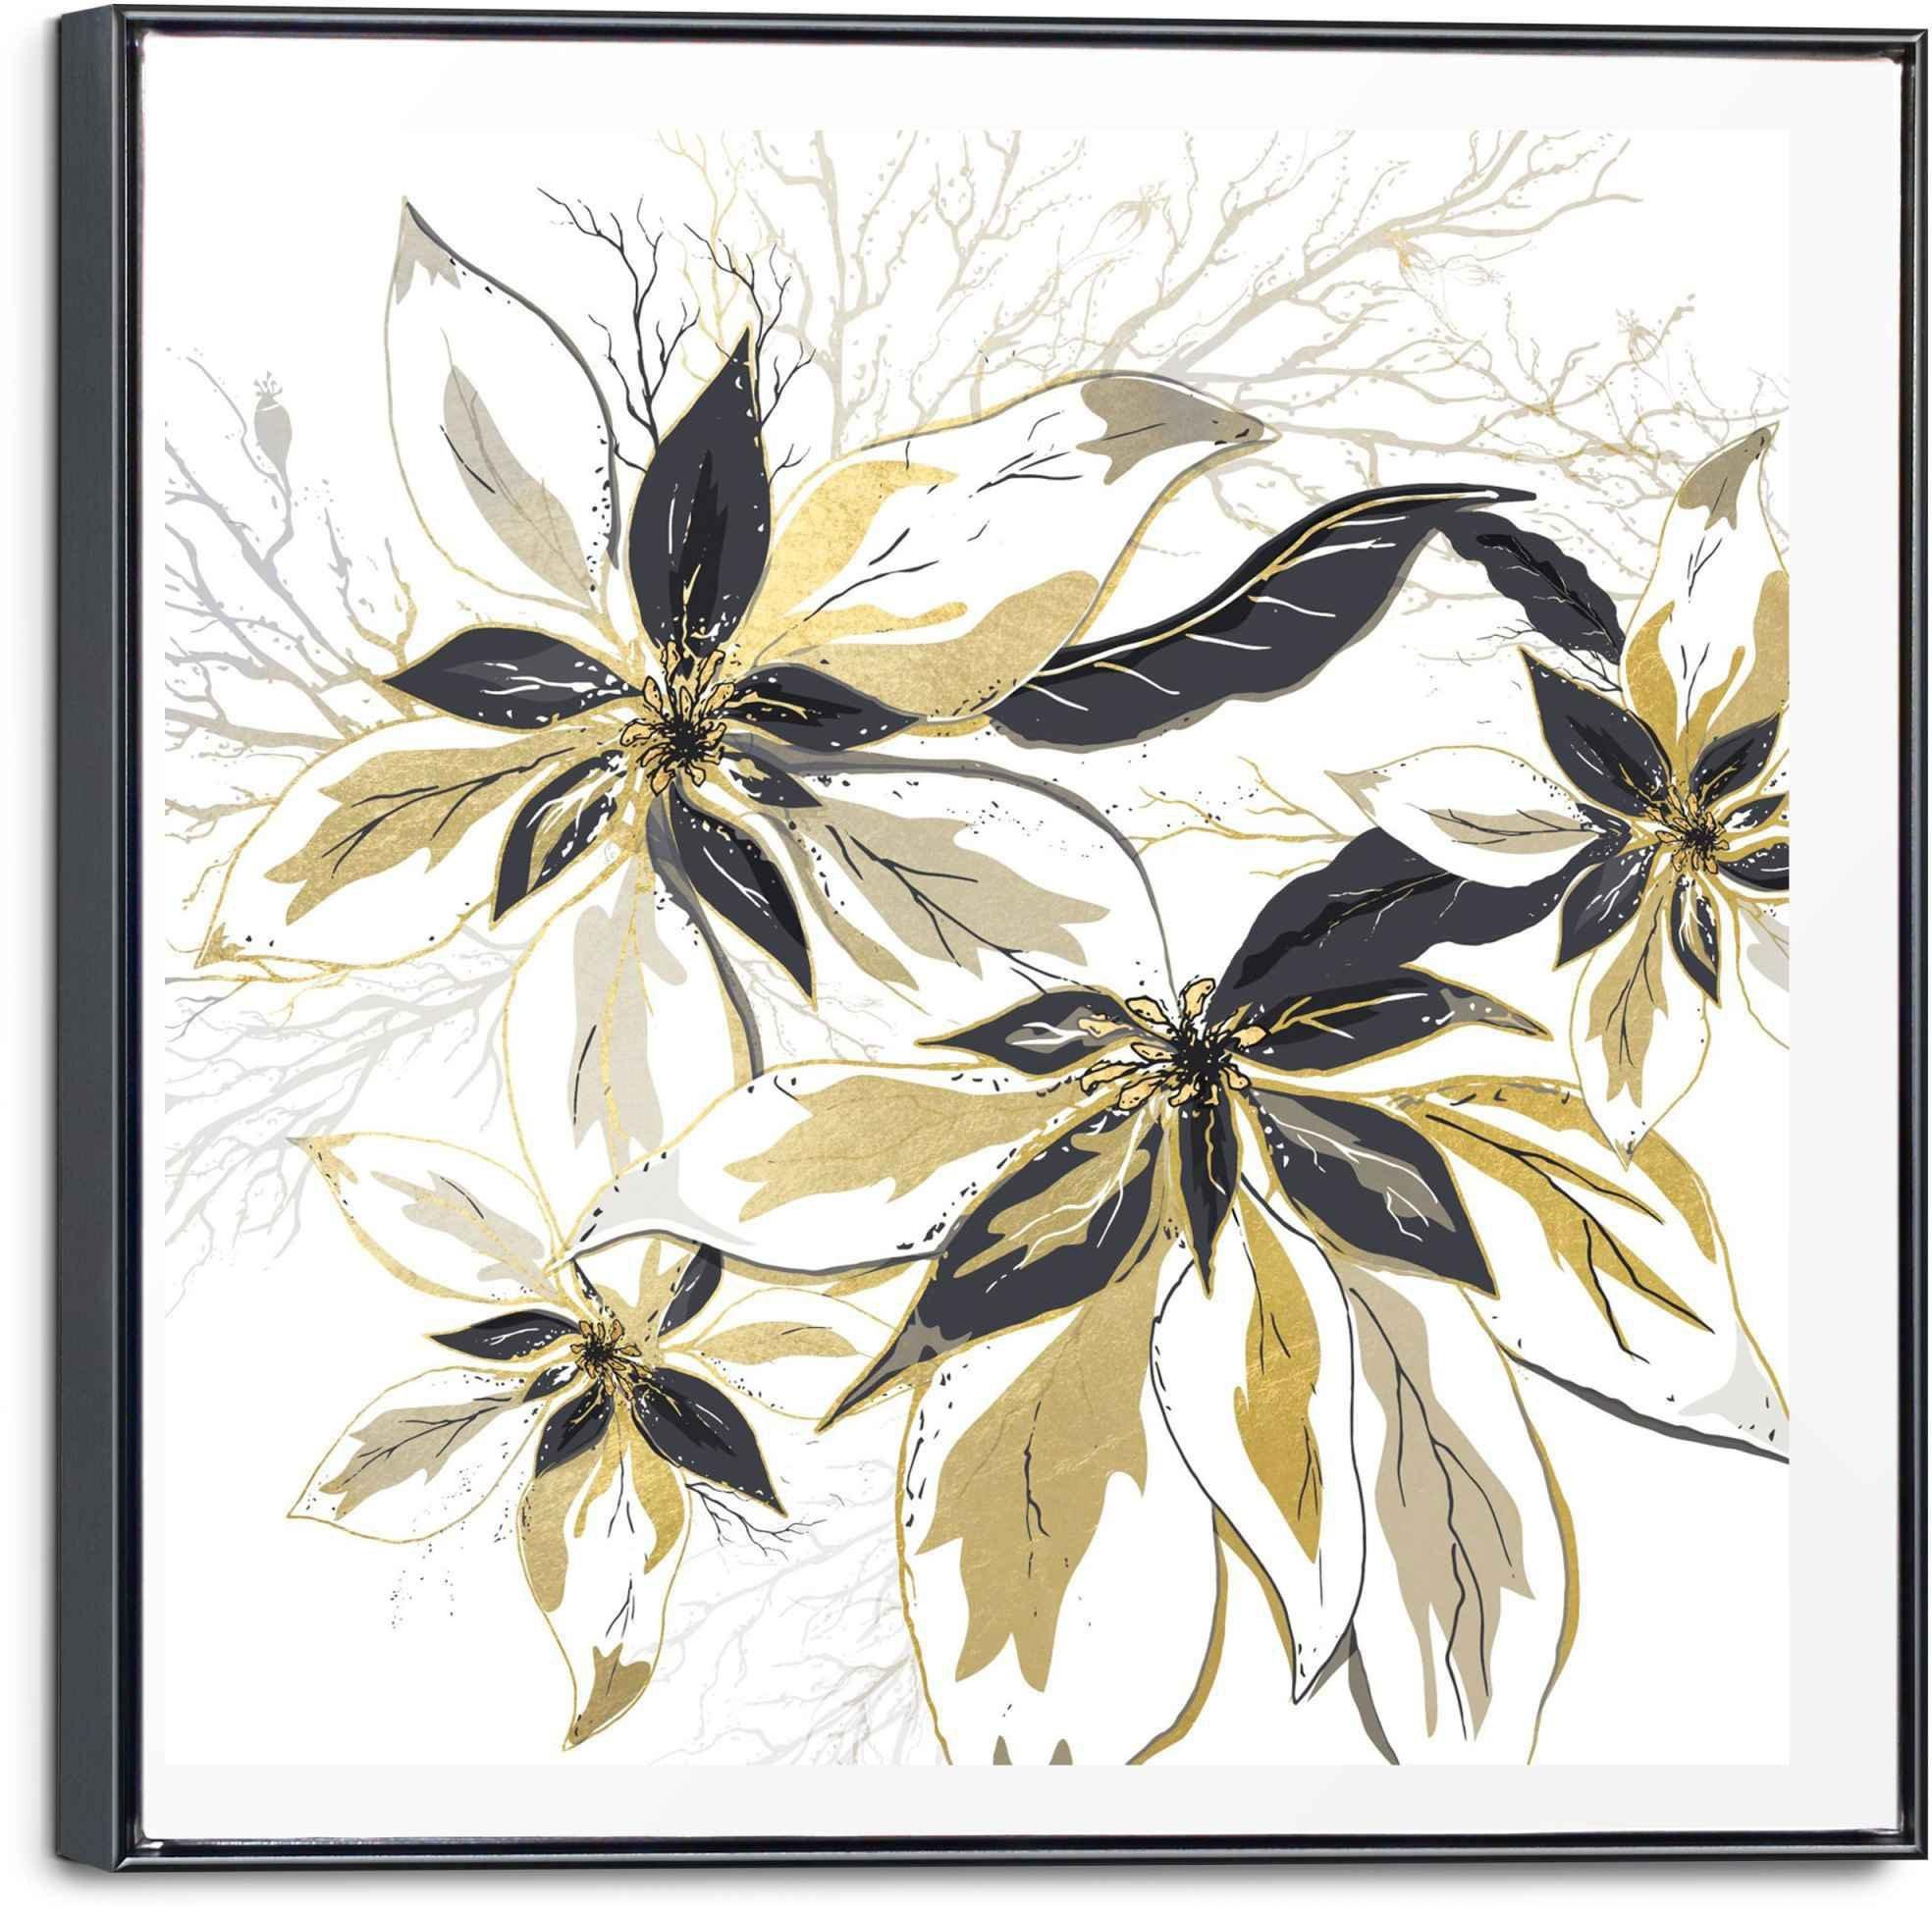 Reinders! artprint op linnen Leinwandbild Goldene Blüten Blumen - Glamourös - Stilvoll (1 stuk) veilig op otto.nl kopen